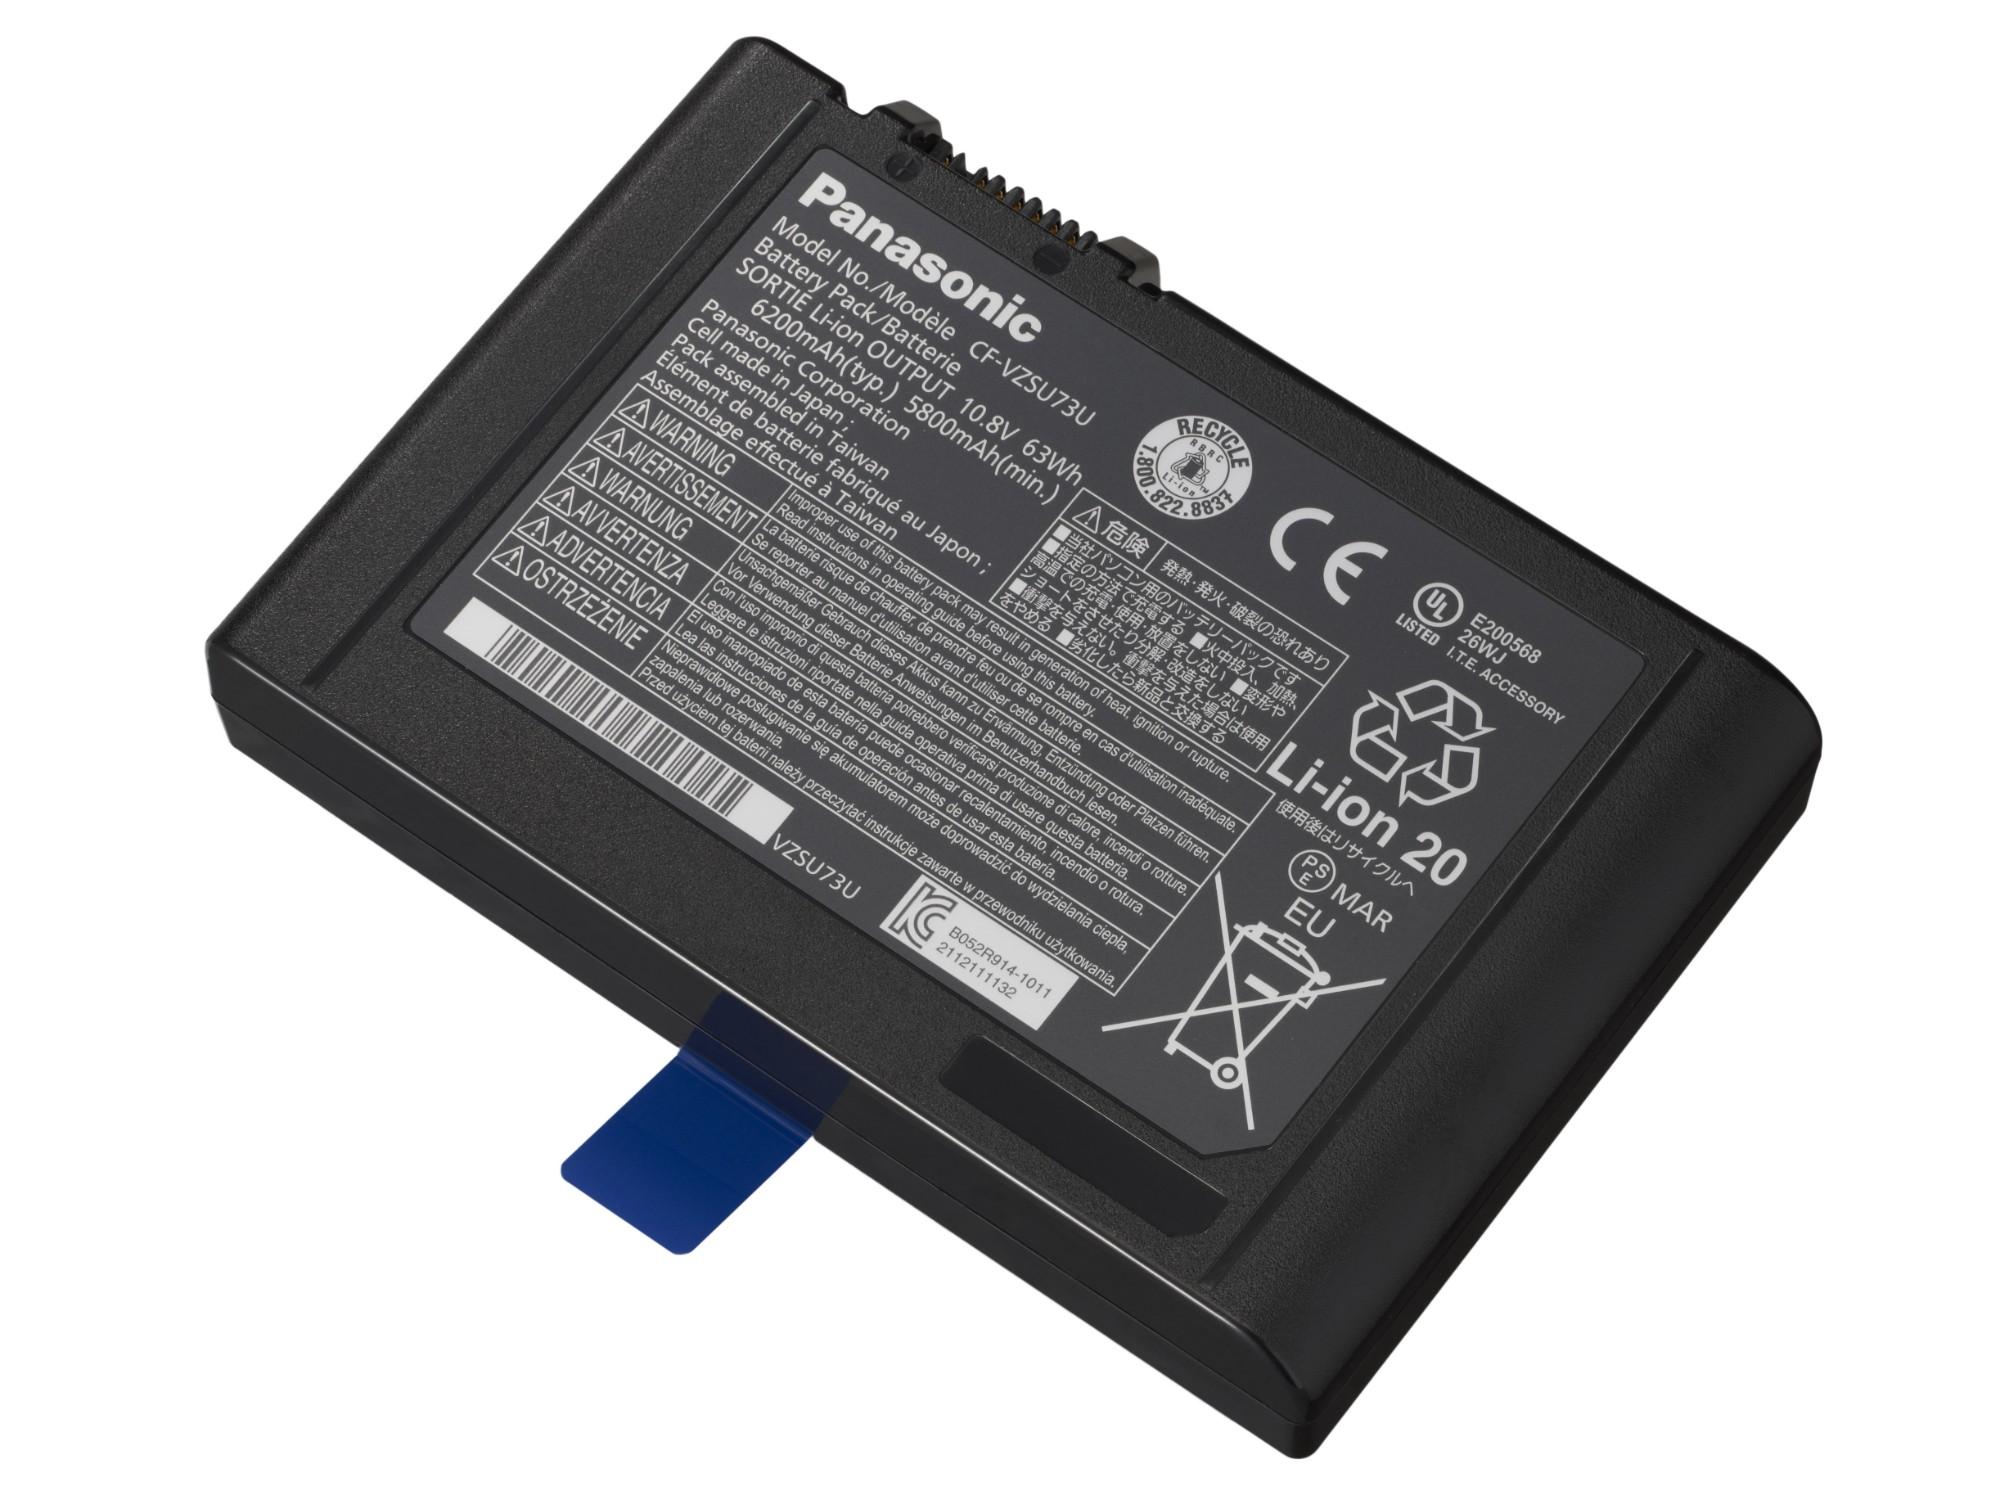 Battery Pack 6200mah/ 10.8v